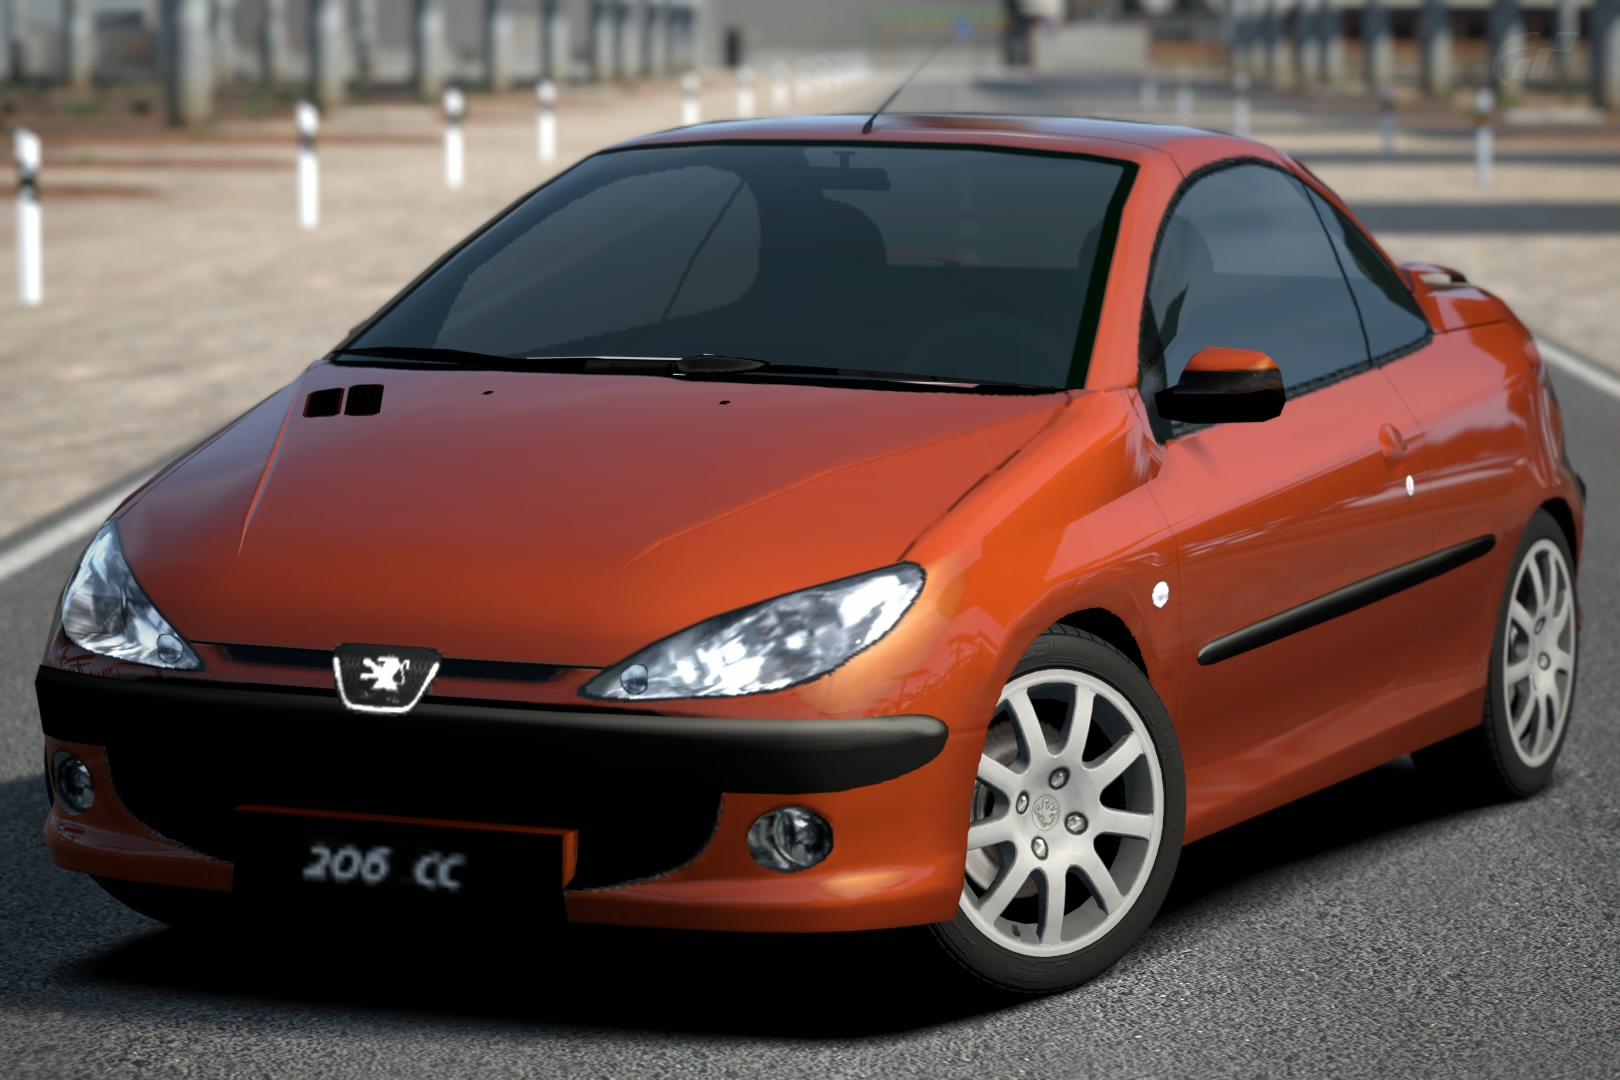 Peugeot 206 Cc 01 Gran Turismo Wiki Fandom